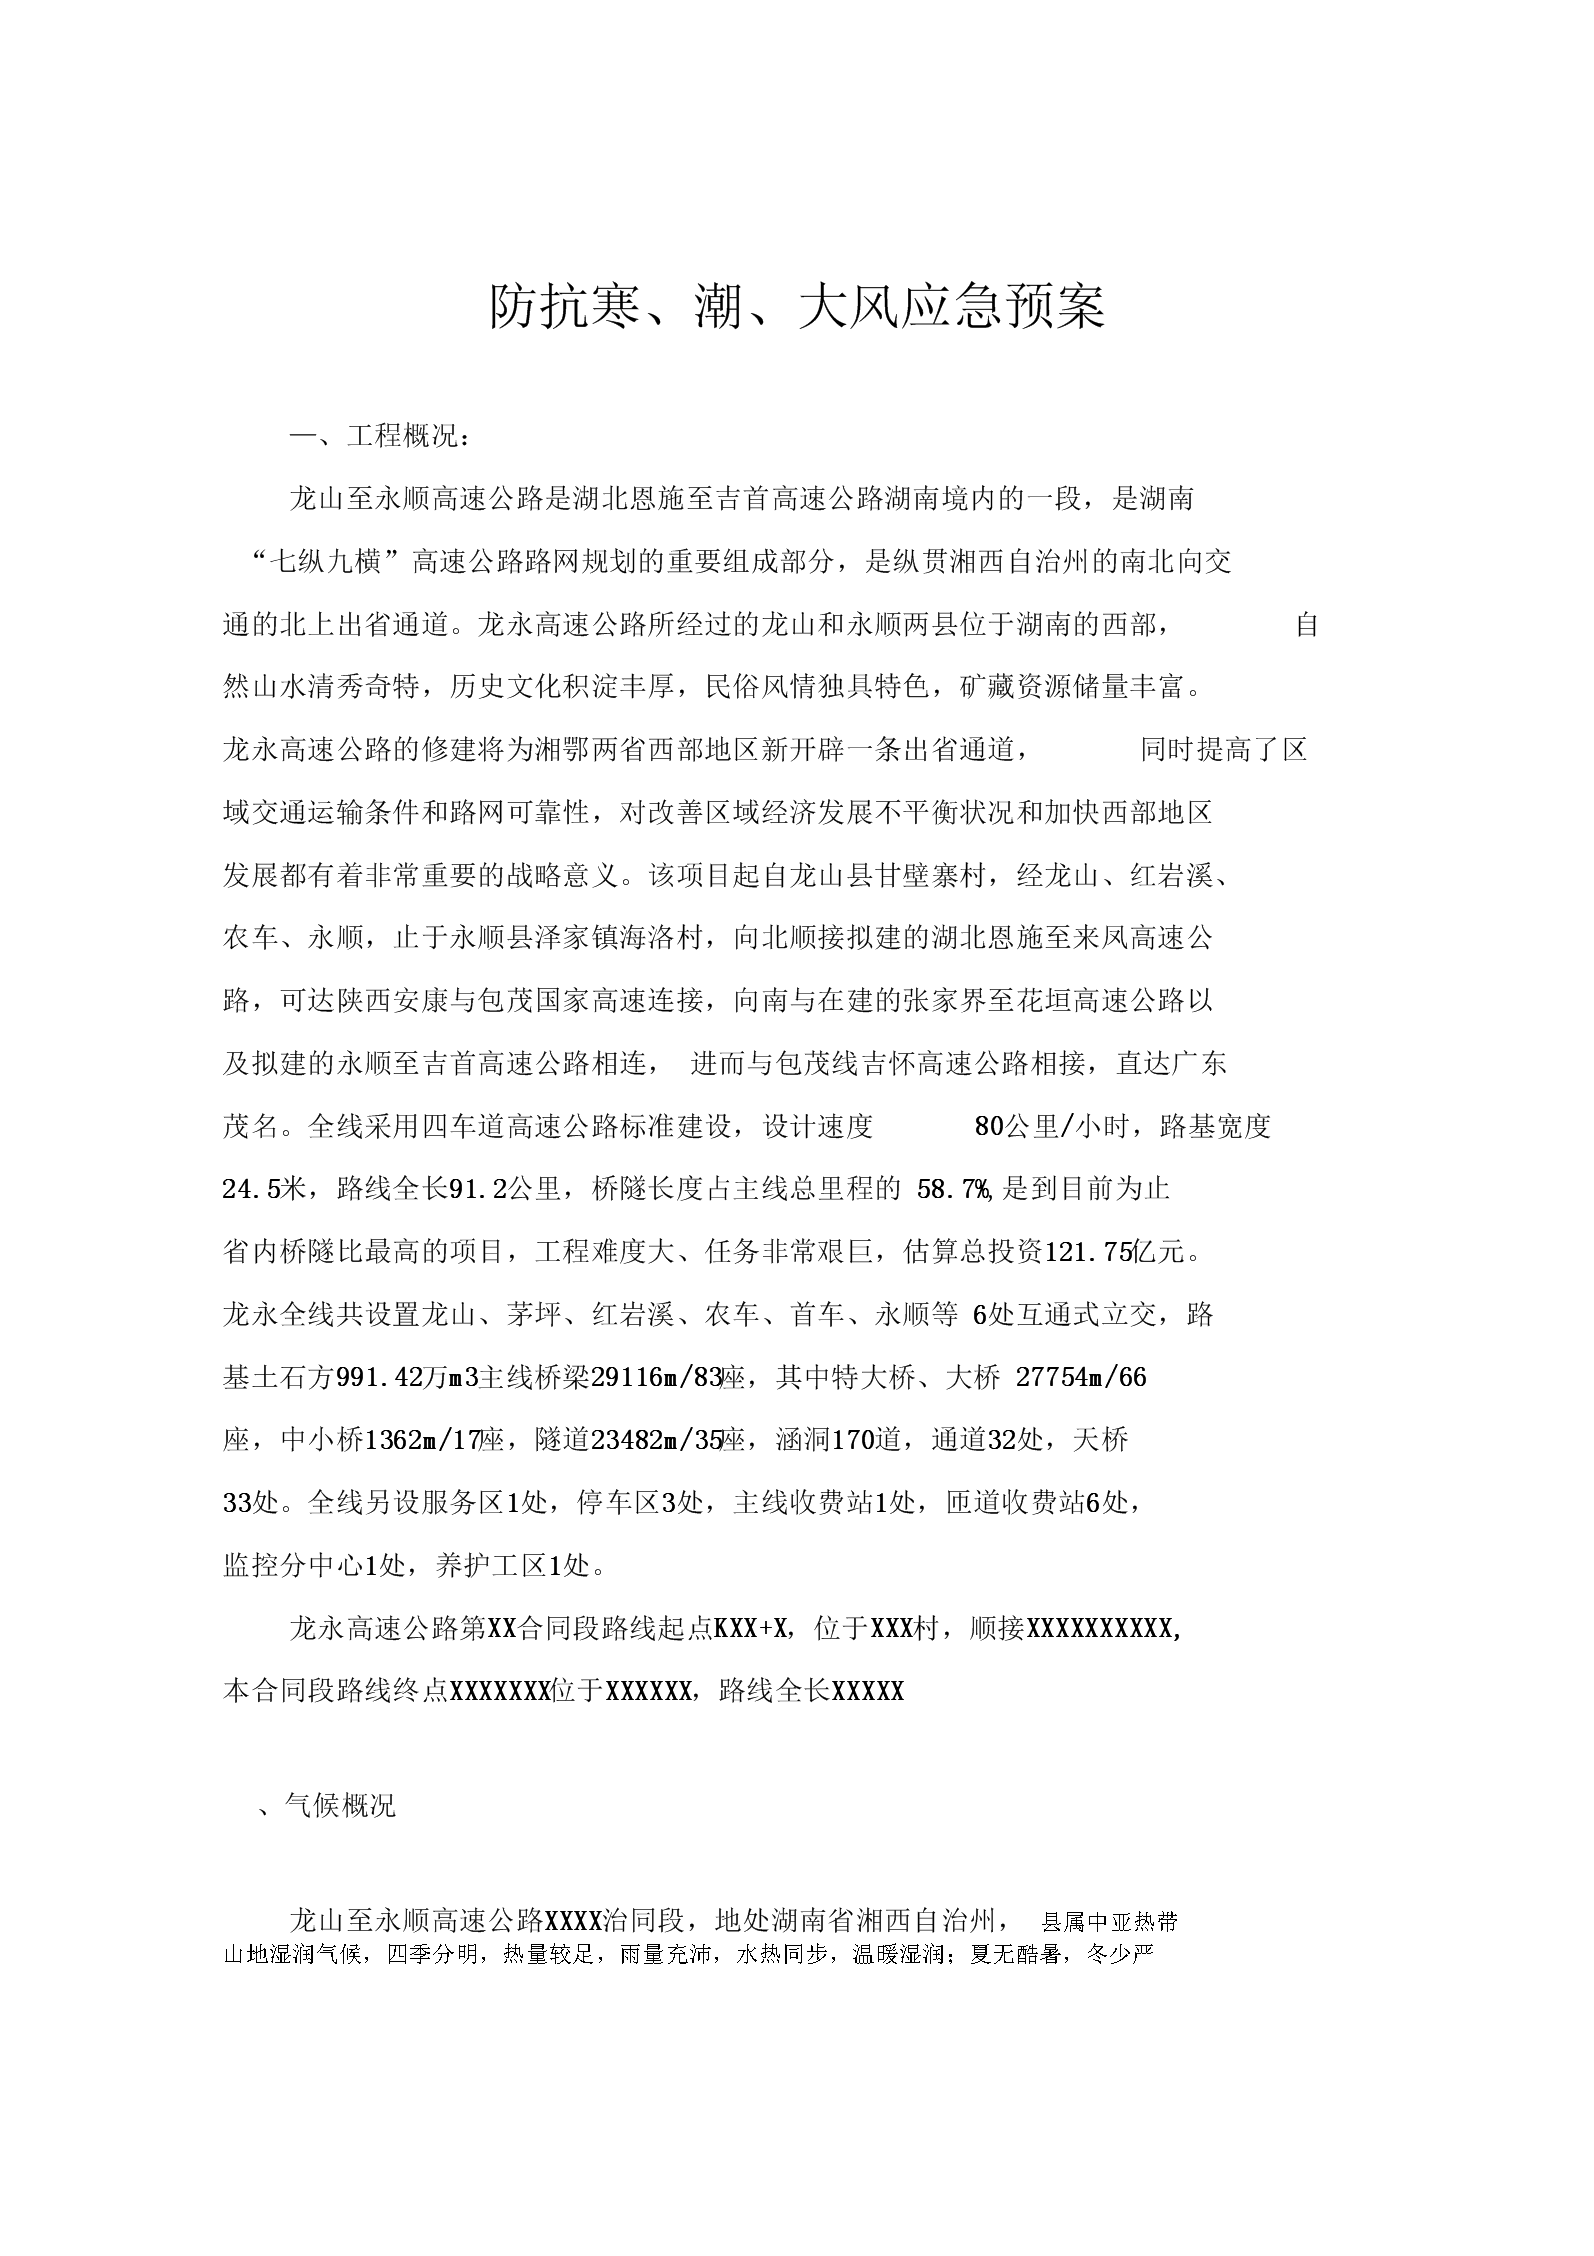 防抗寒潮大风应急预案.docx